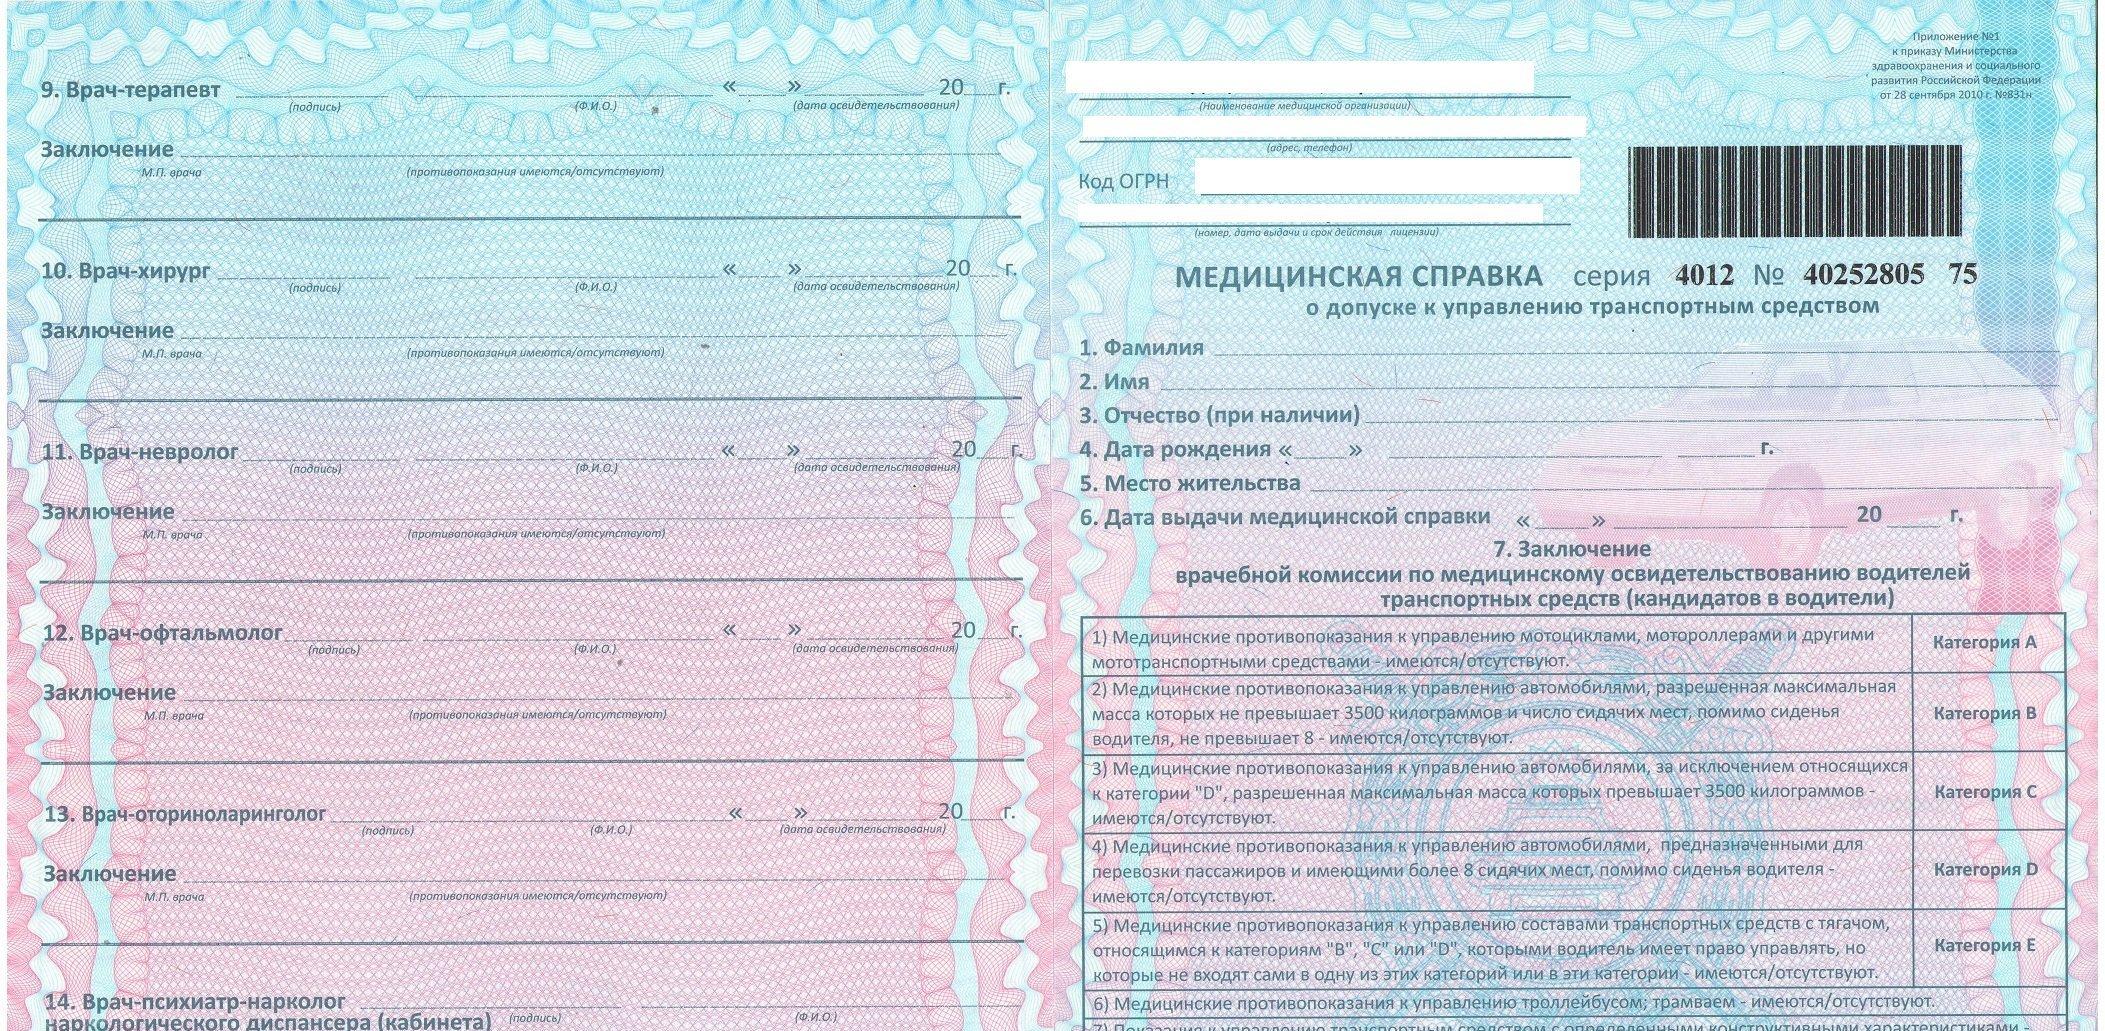 Медицинская справка для водителей каменск-урльский санкт-петербург, ул.лебедева, д.6 военная медицинская академия